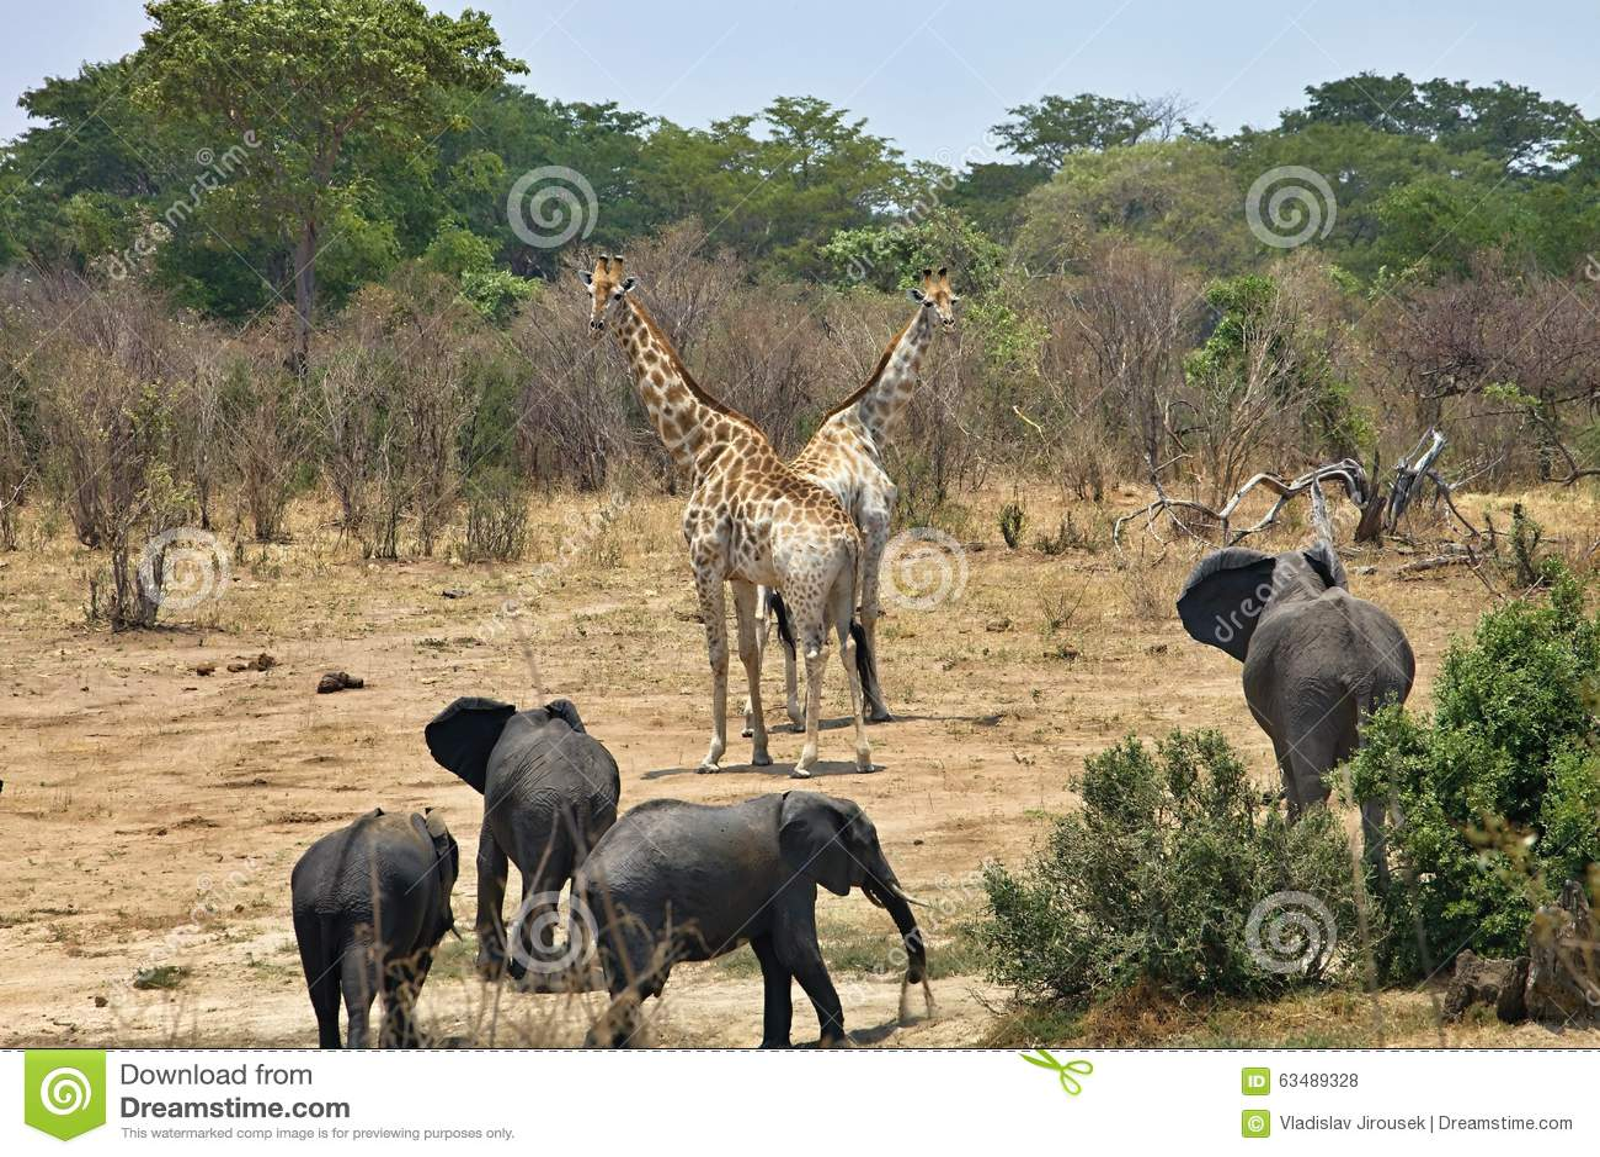 Elephant, Loxodonta africana, in Hwange National Park, Zimbabwe